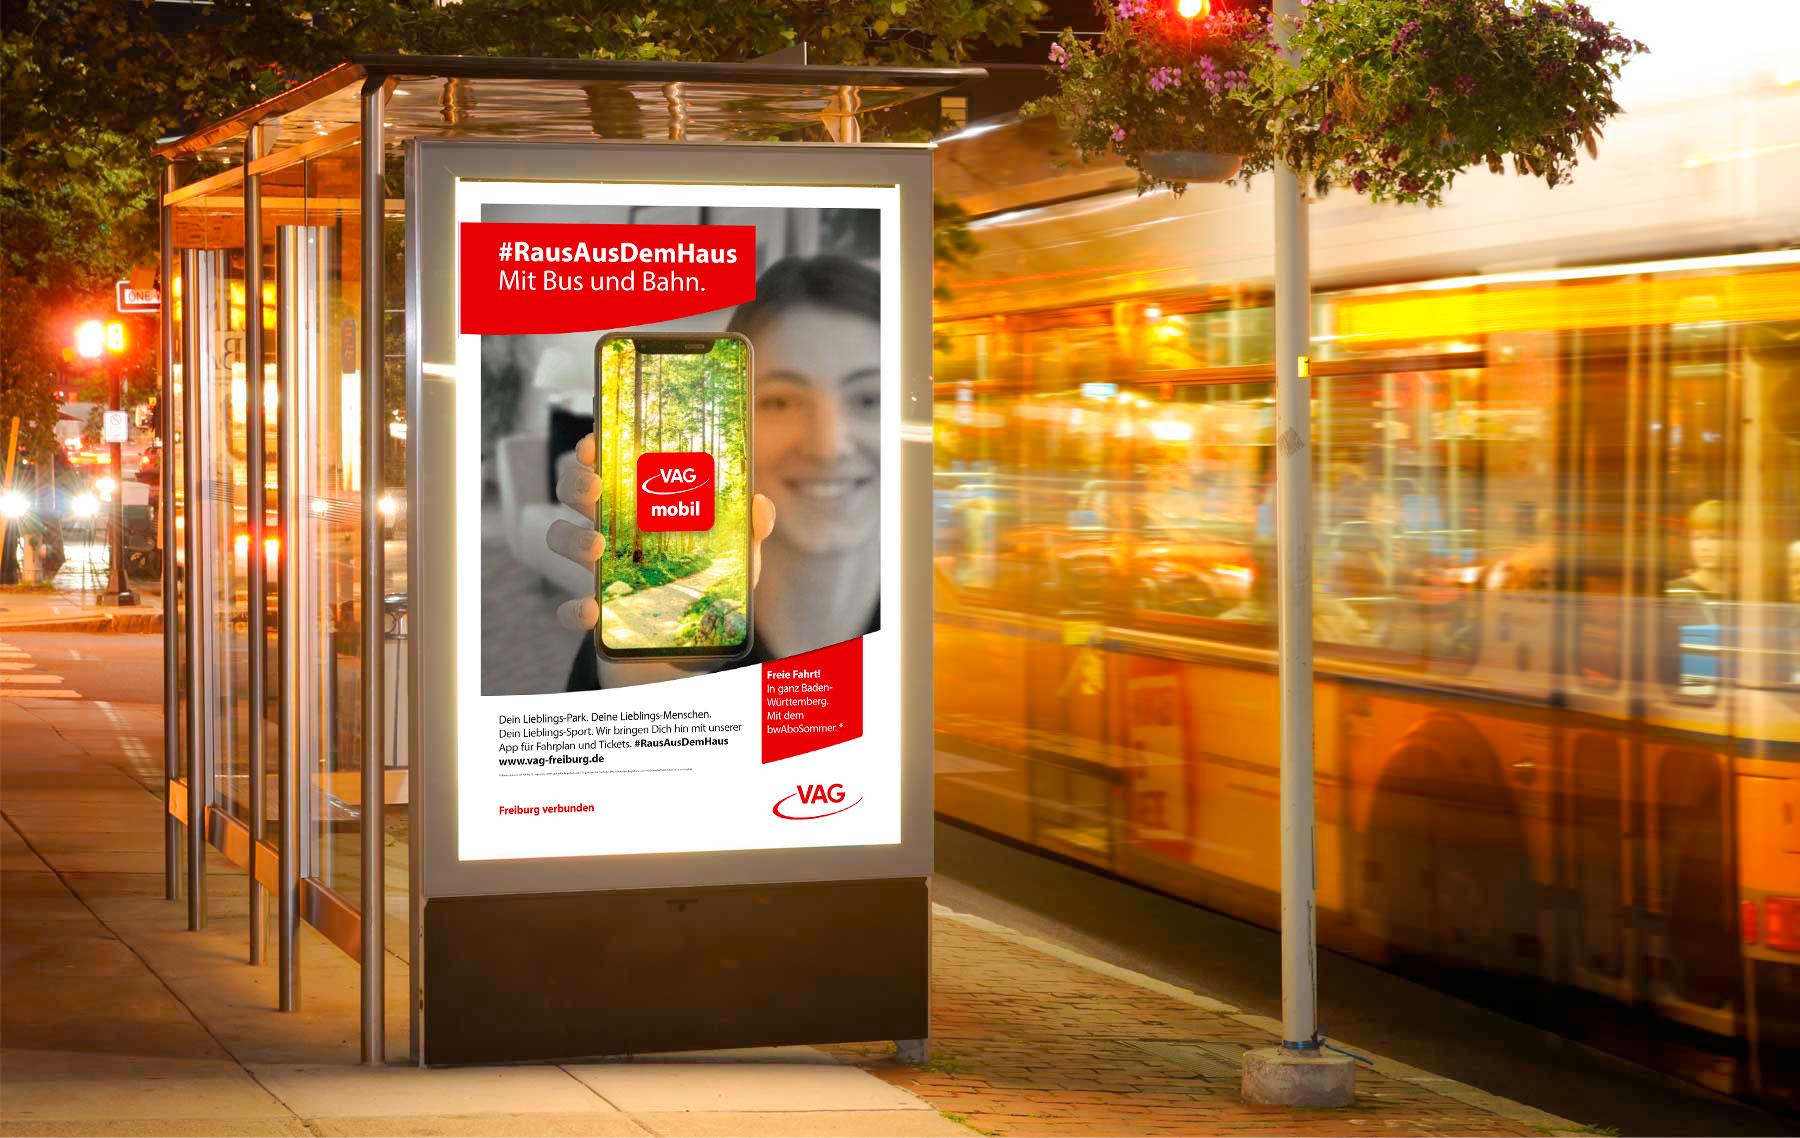 Raus aus dem Haus – Mit Bus und Bahn. Motiv der neuen Werbekampagne für die Freiburger Verkehrs AG (VAG)